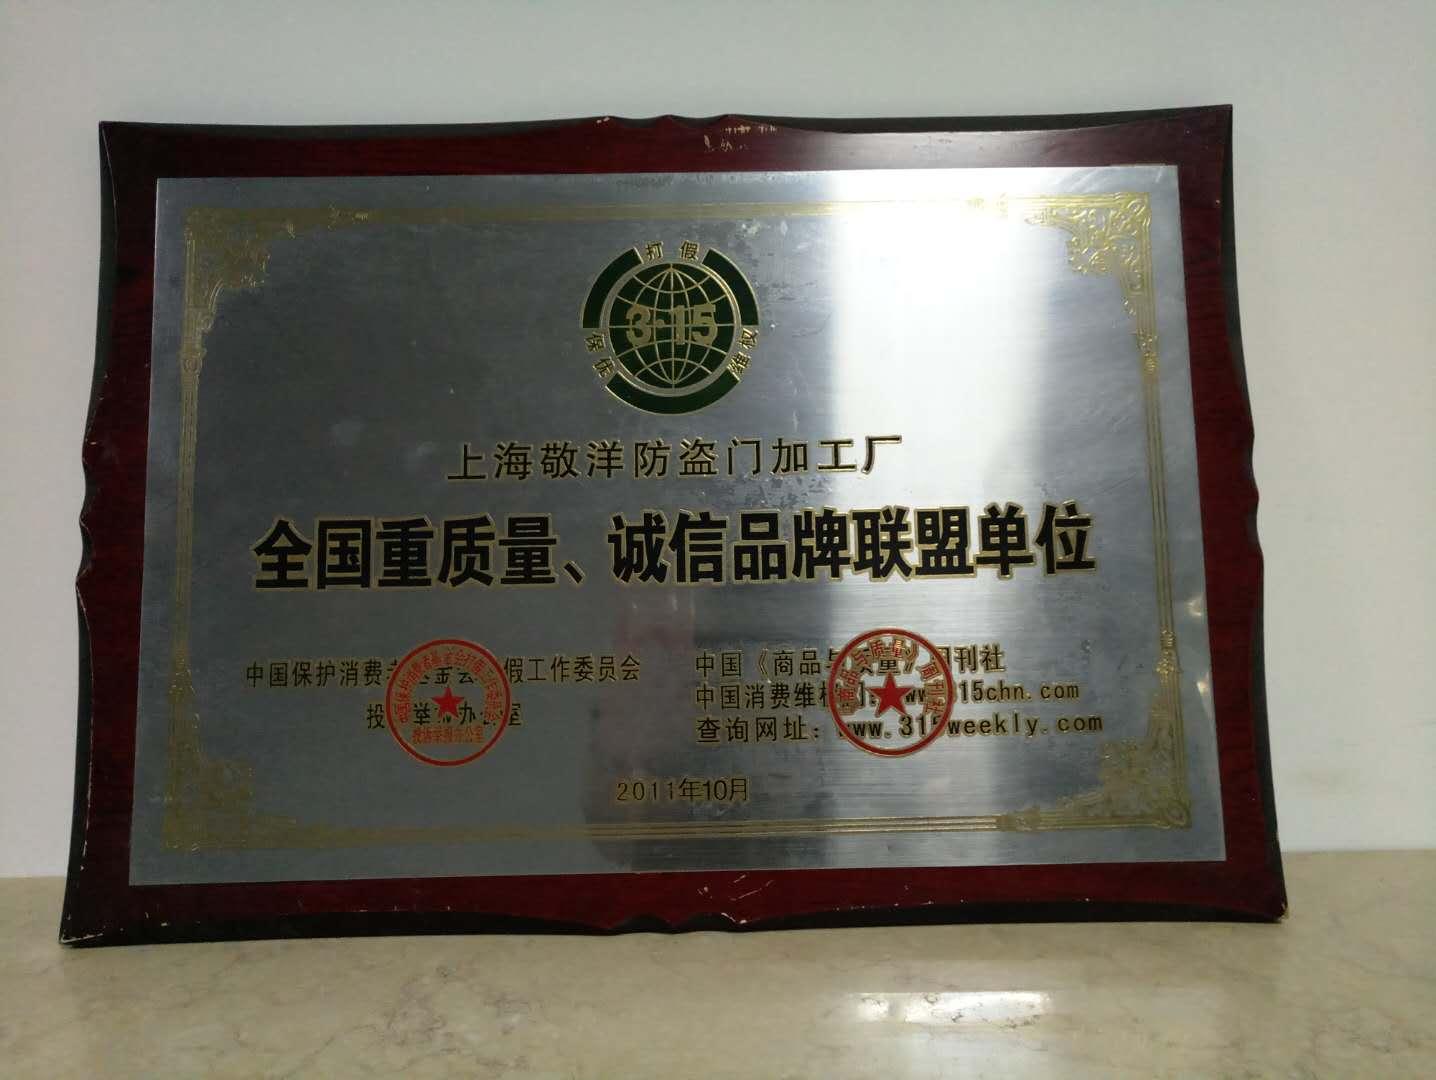 敬阳荣获全国重质量、诚信品牌联盟单位